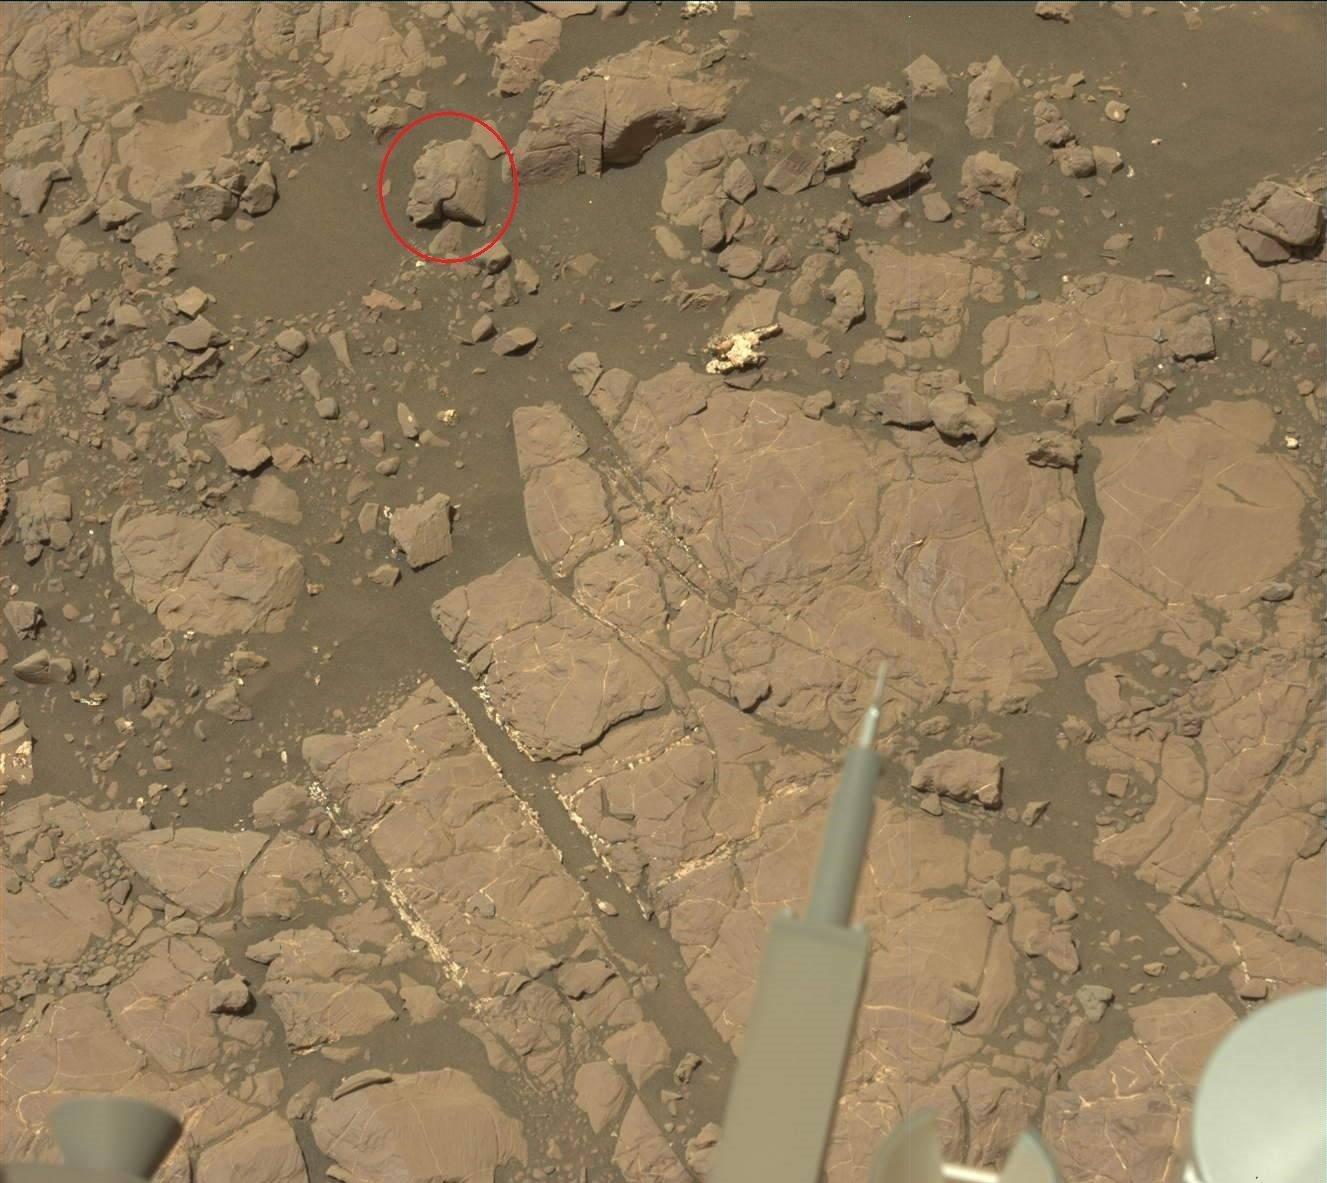 Un cliché réalisé par le rover Curiosity à la surface de Mars